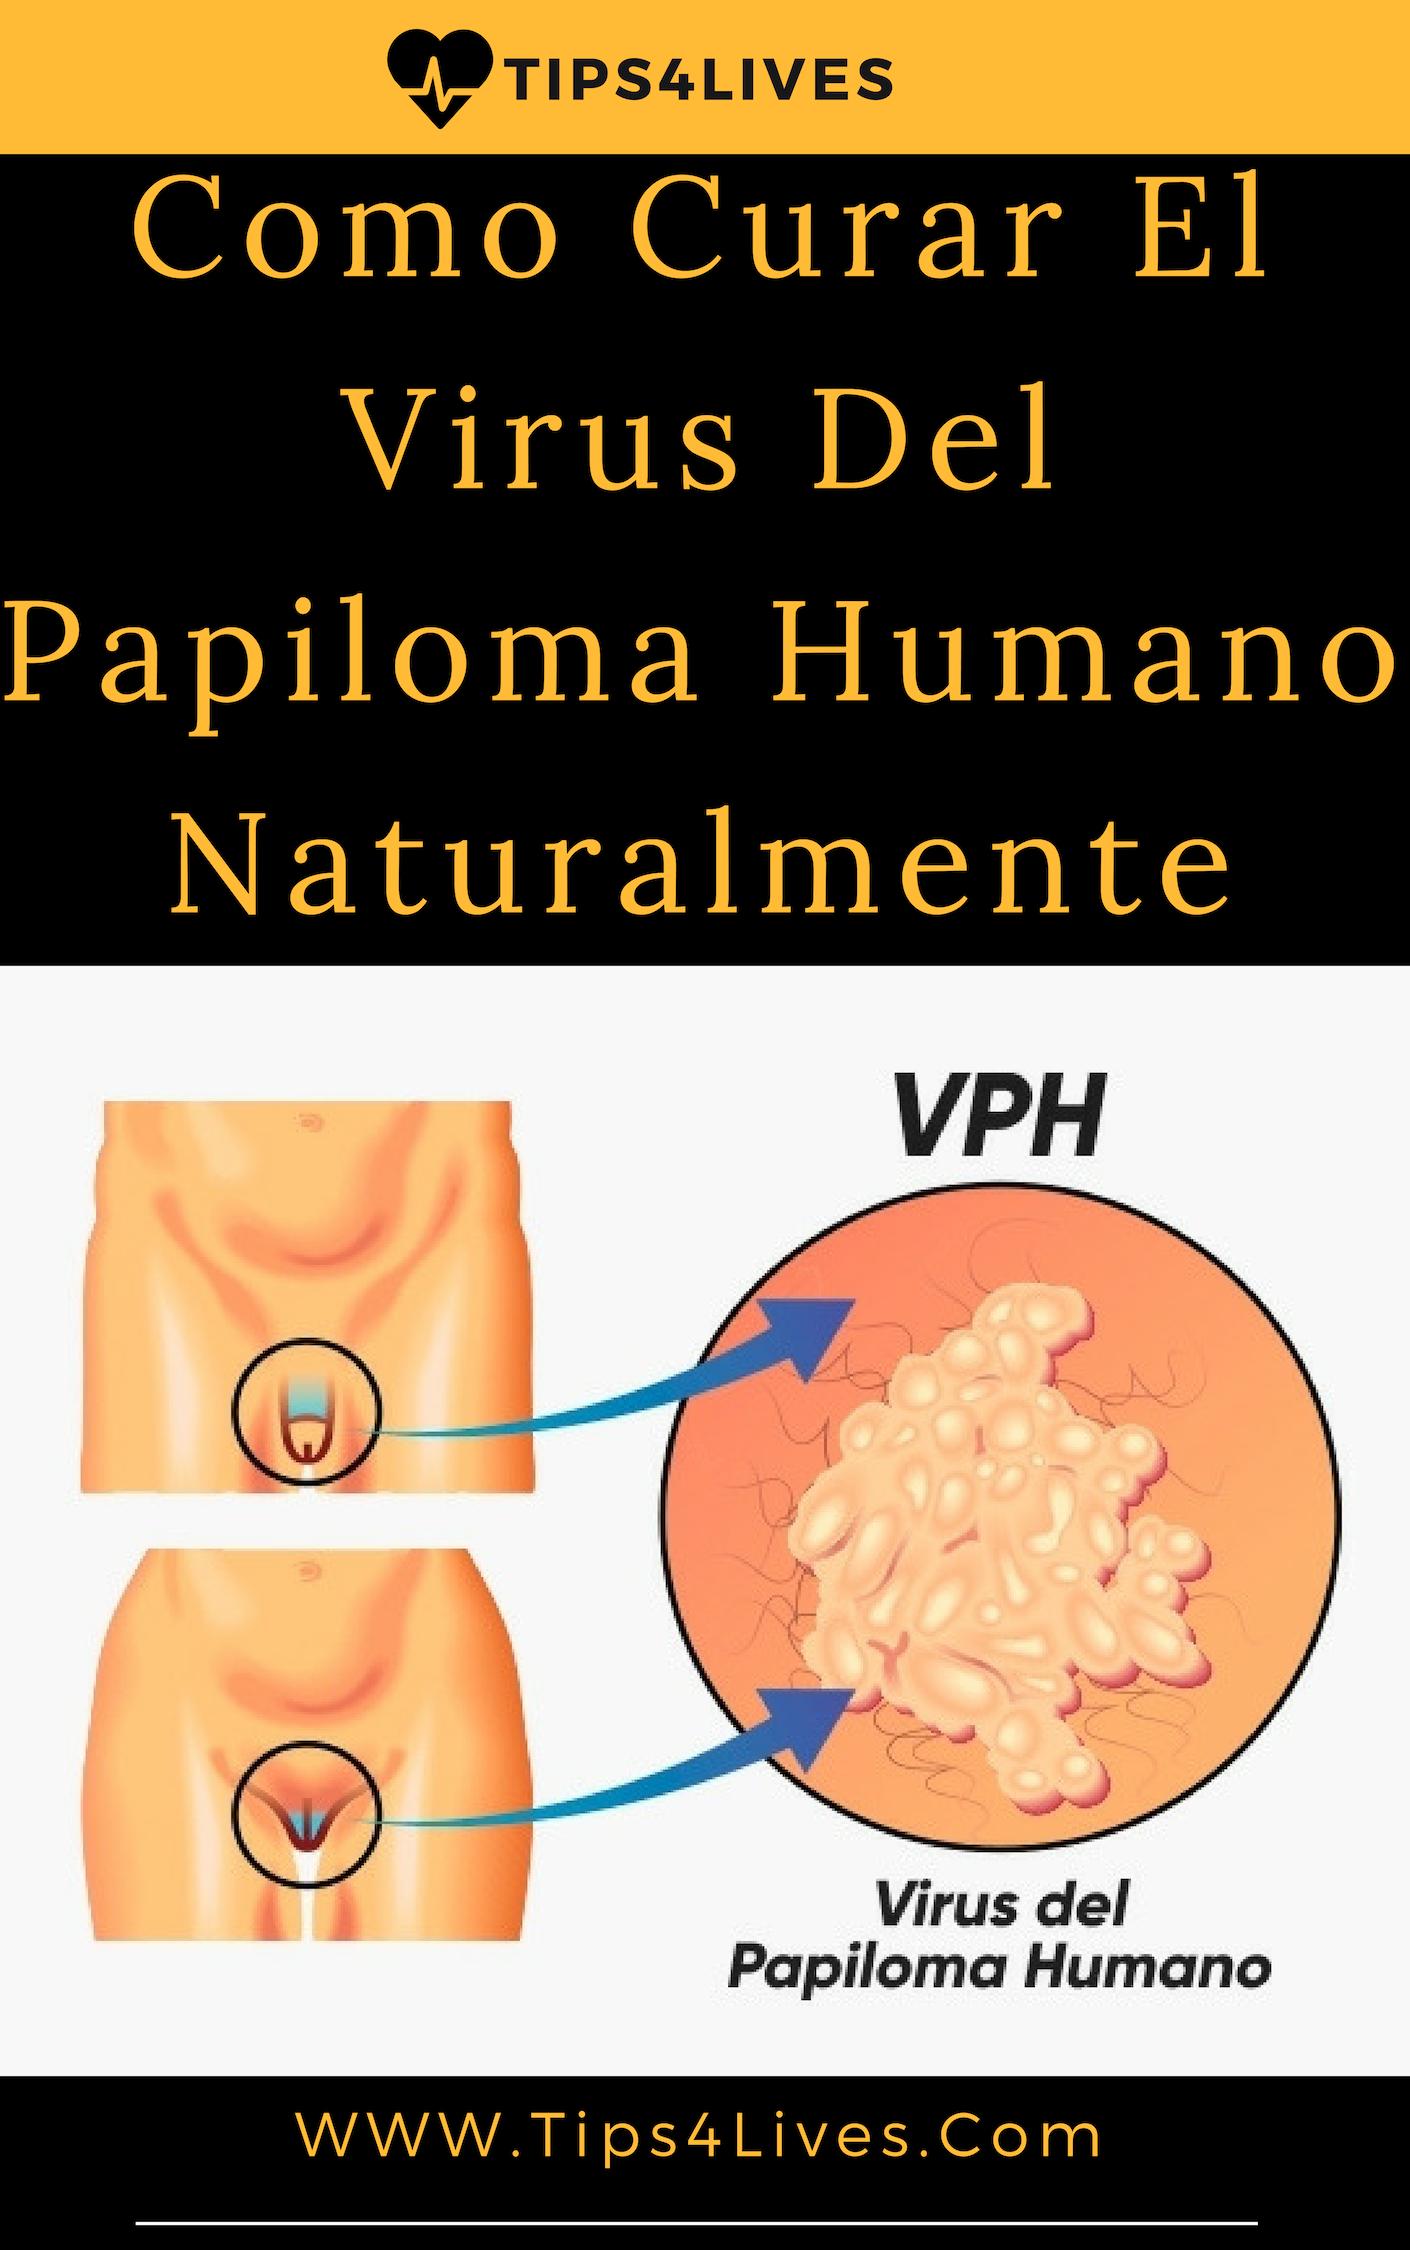 papilomavirus humano en mujeres tratamiento